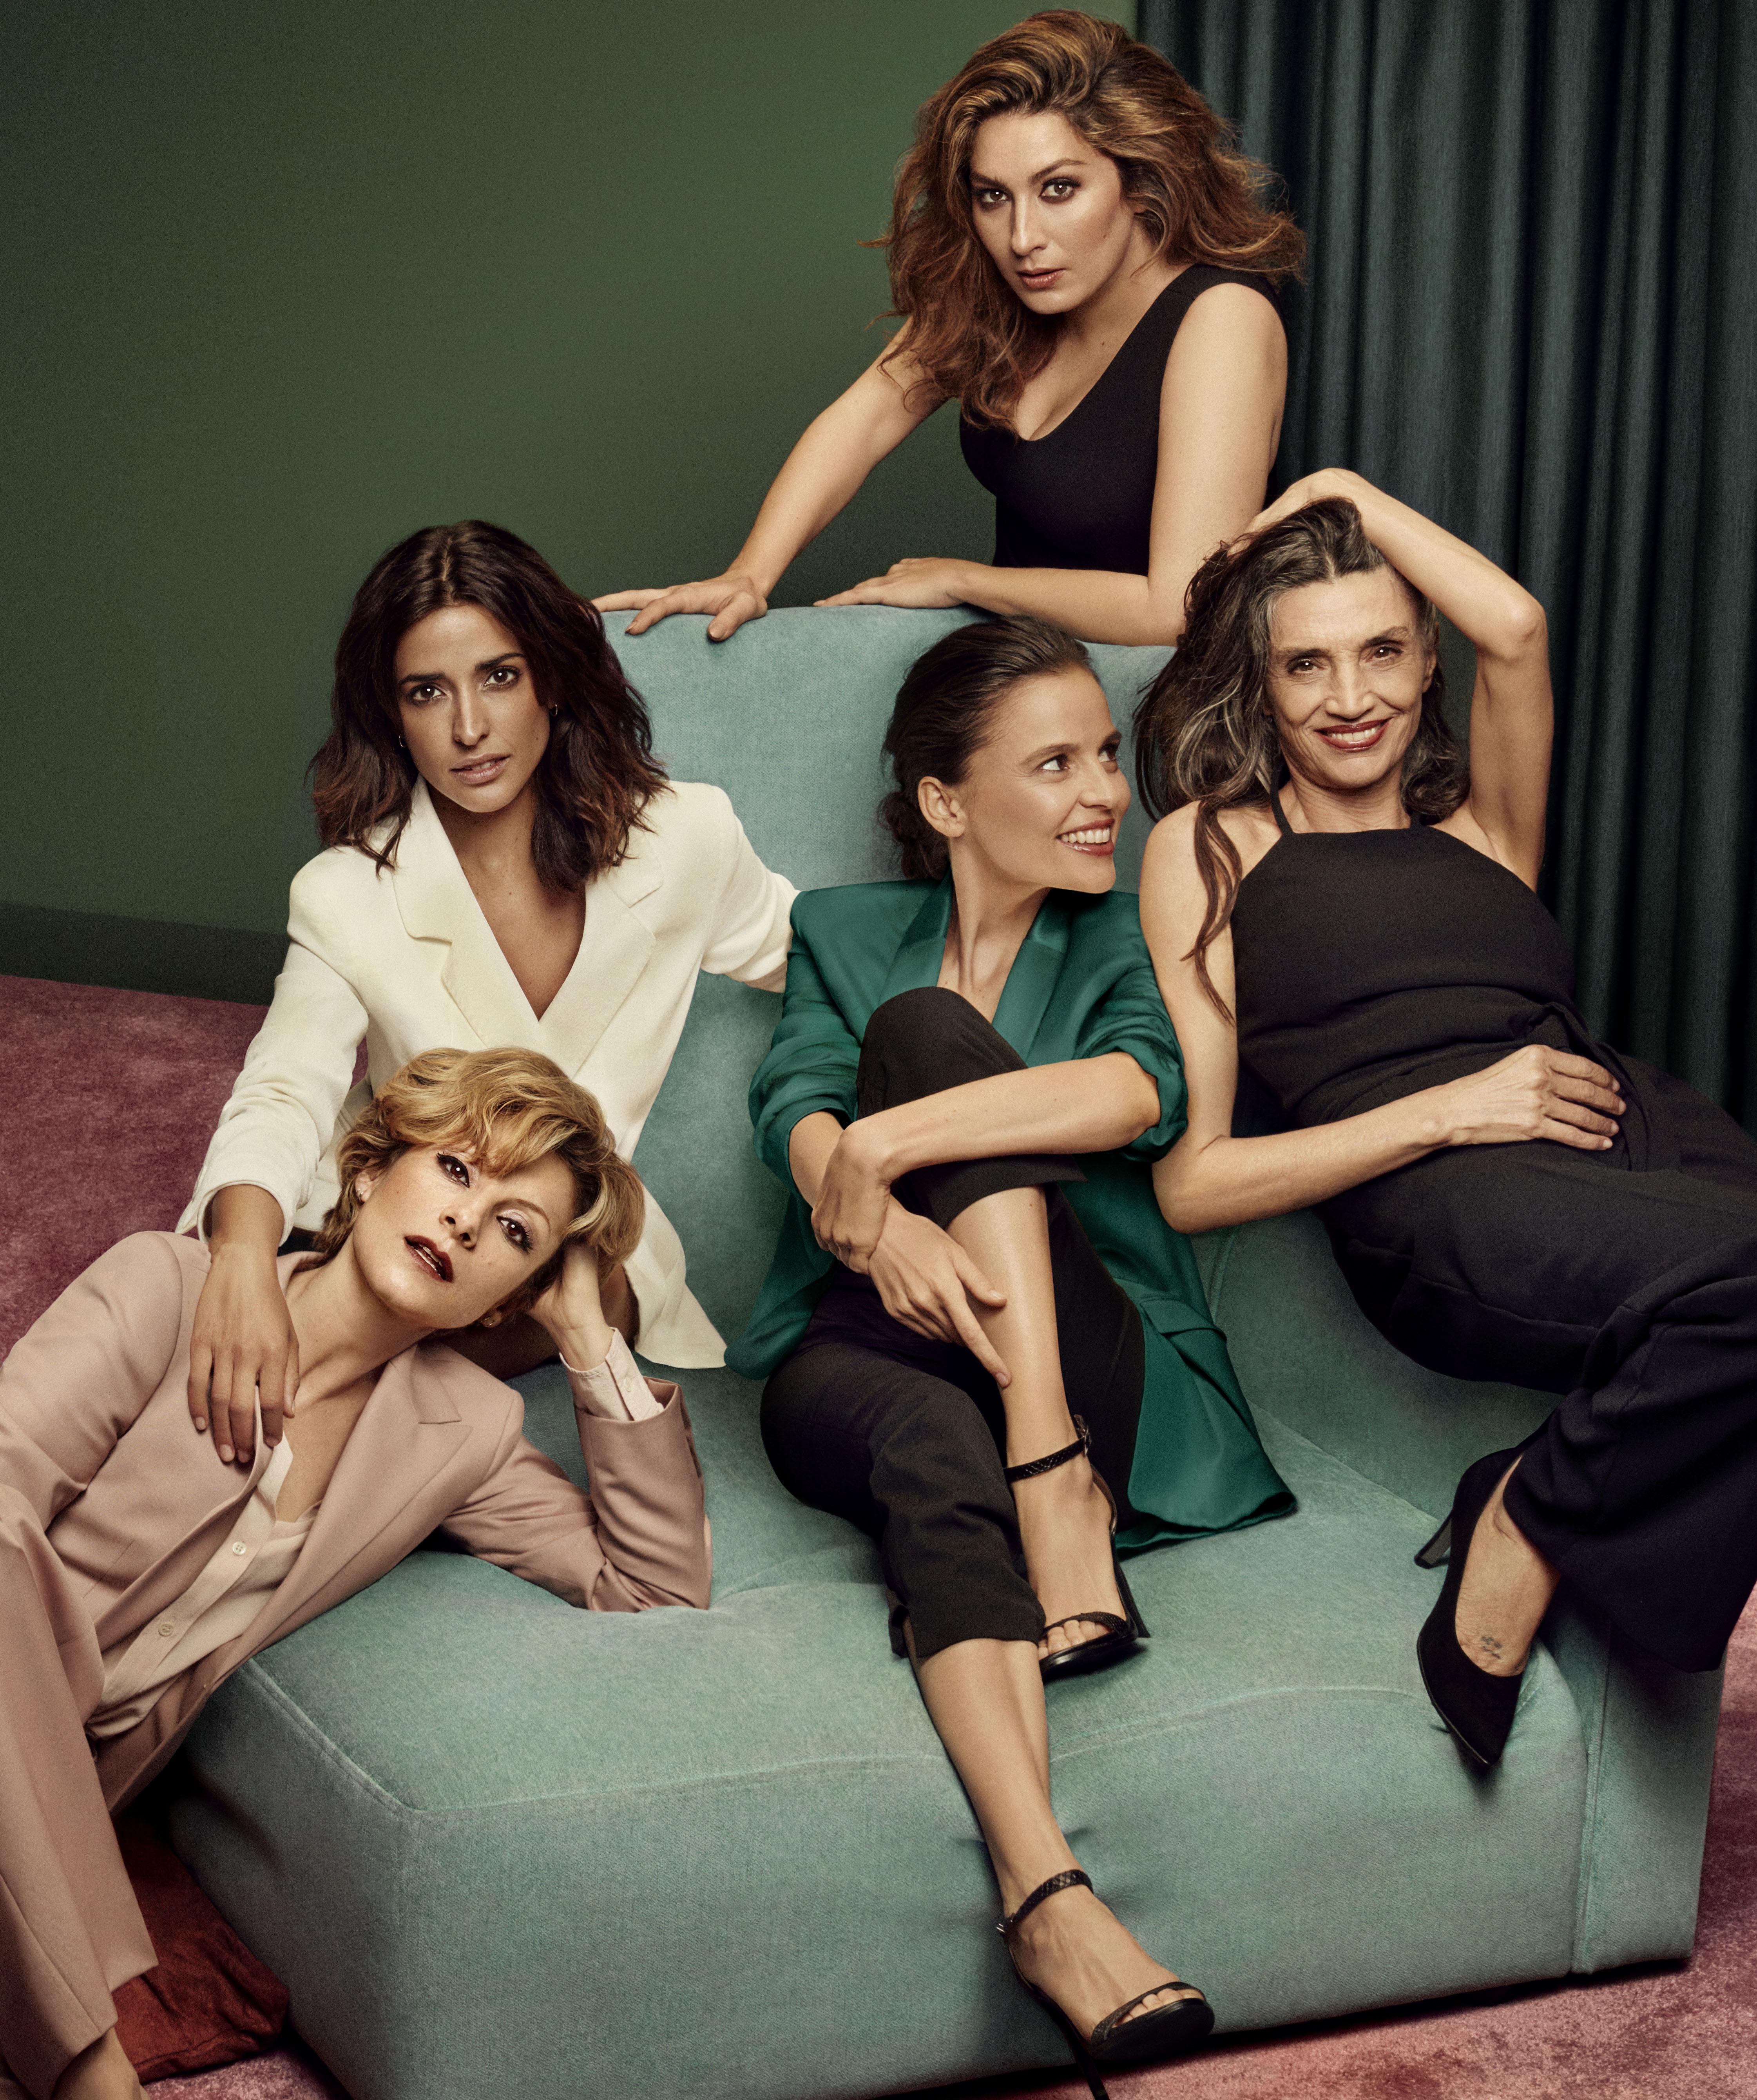 Amigas Maduras estás rodeada de mujeres auténticas, ¿lo has pensado